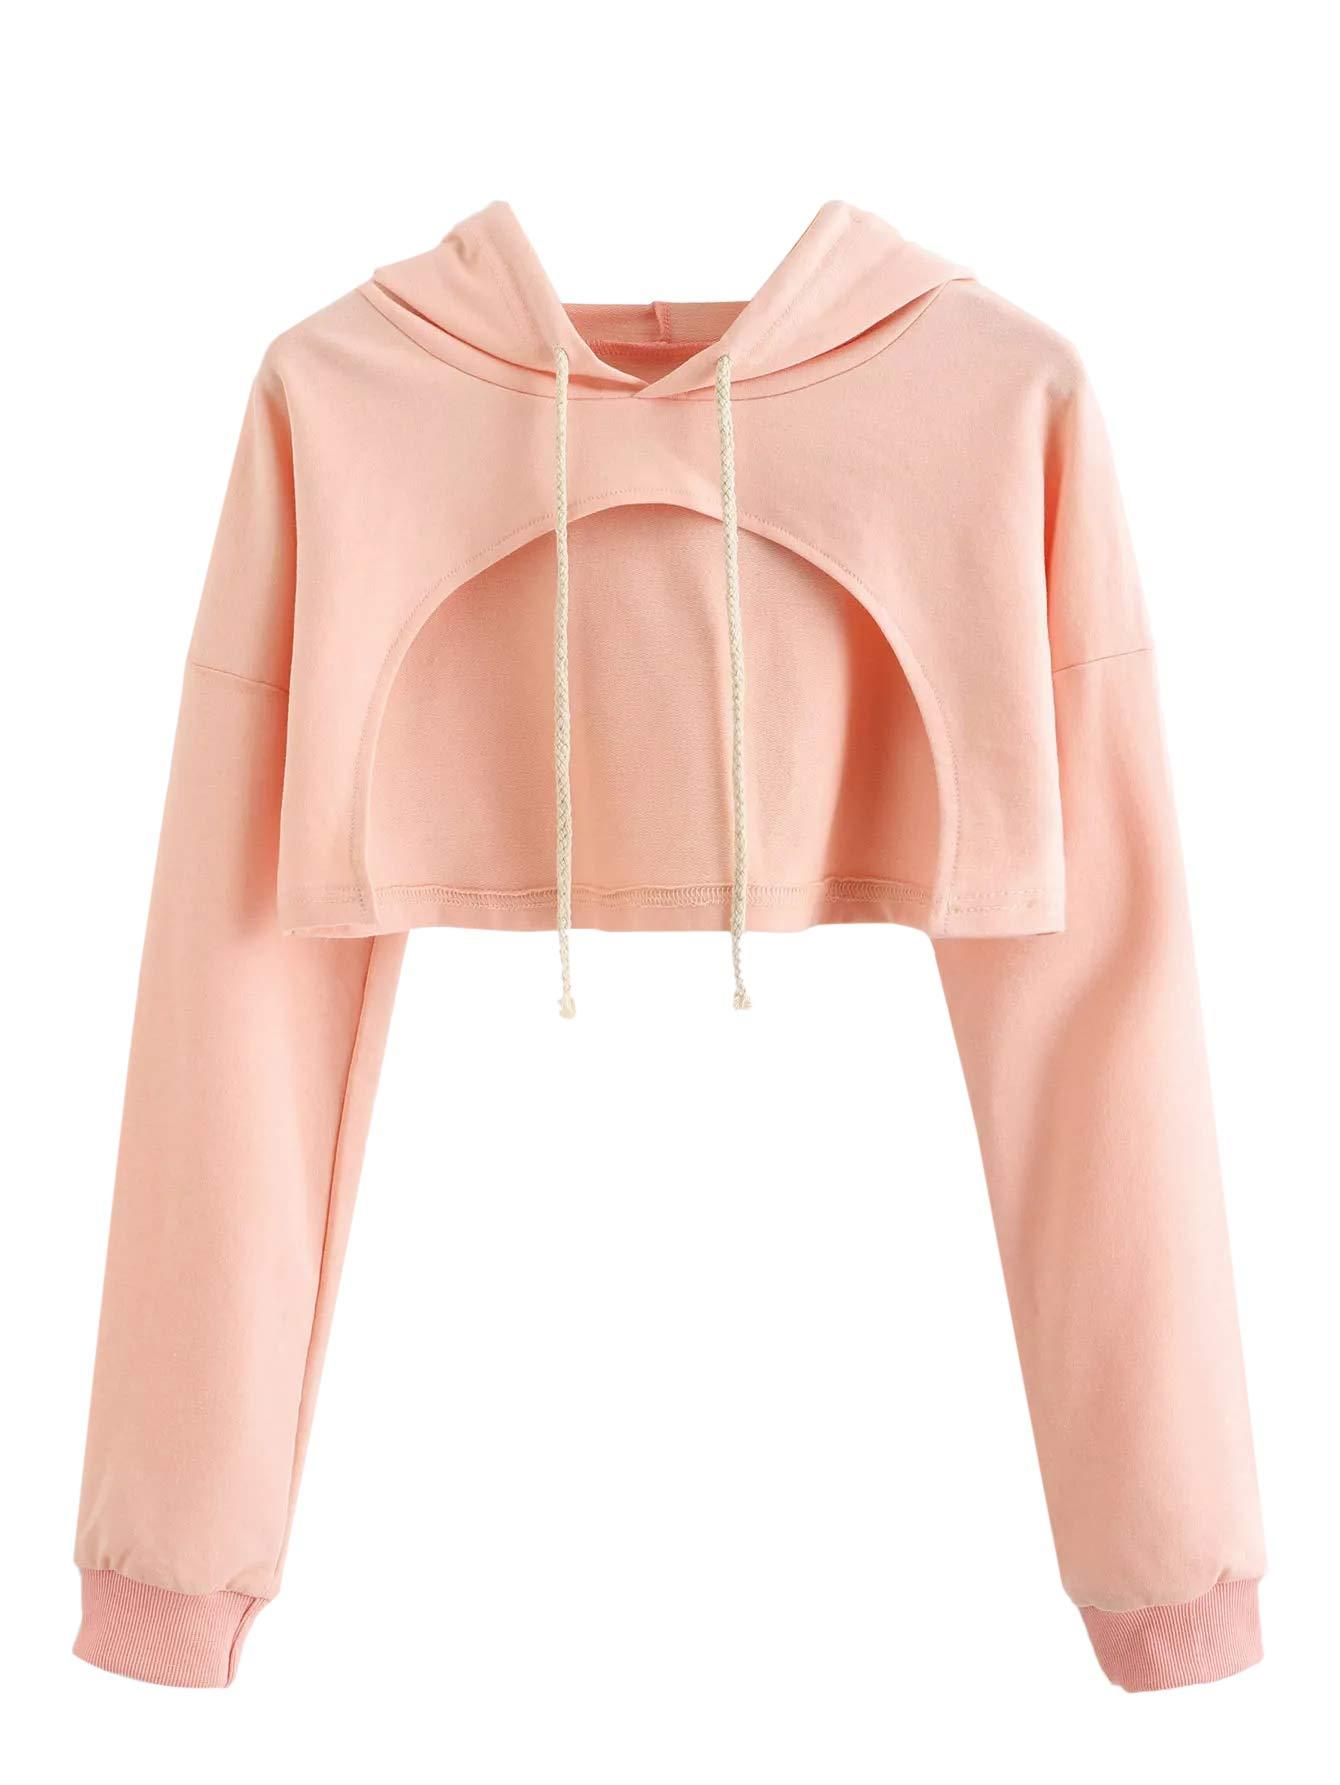 SweatyRocks Women's Solid Black Long Sleeve Pullover Crop Top Hoodie Pink #1 S